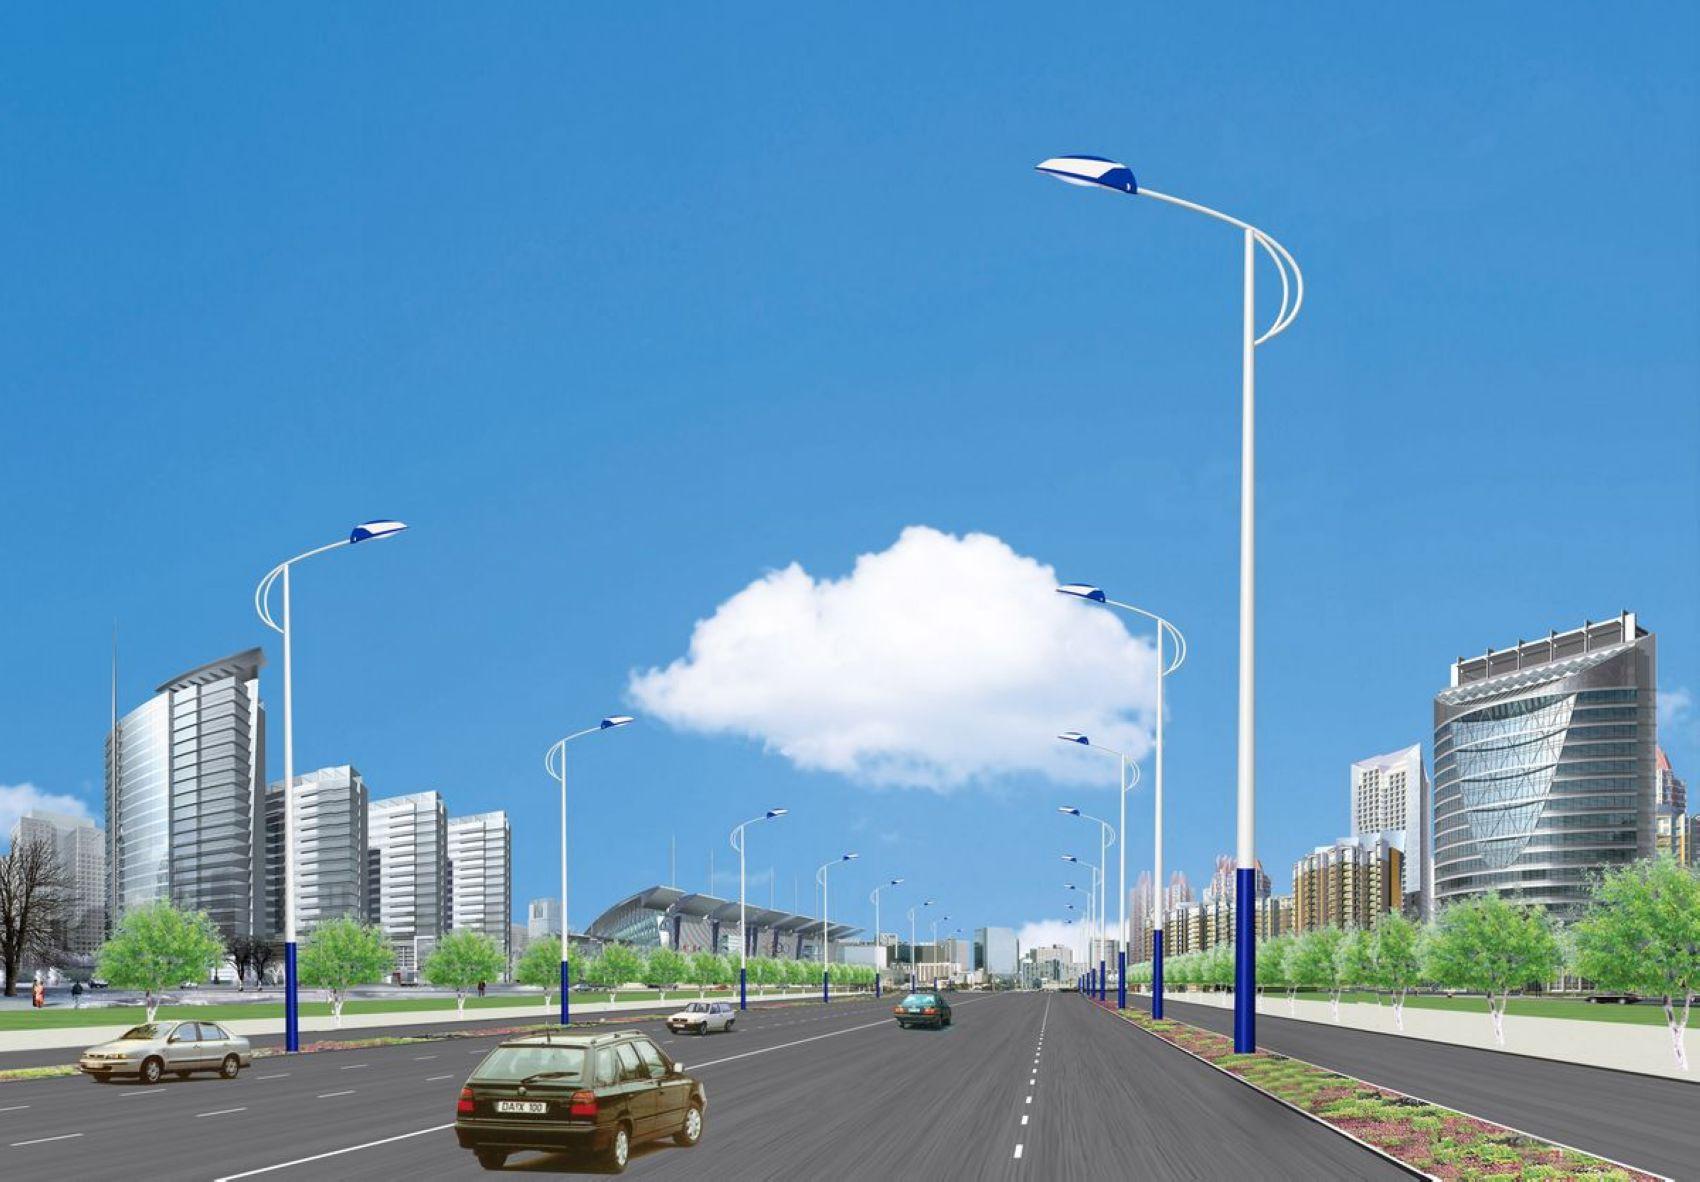 大部分业内人士预计,2011年底到2012年初,LED路灯将